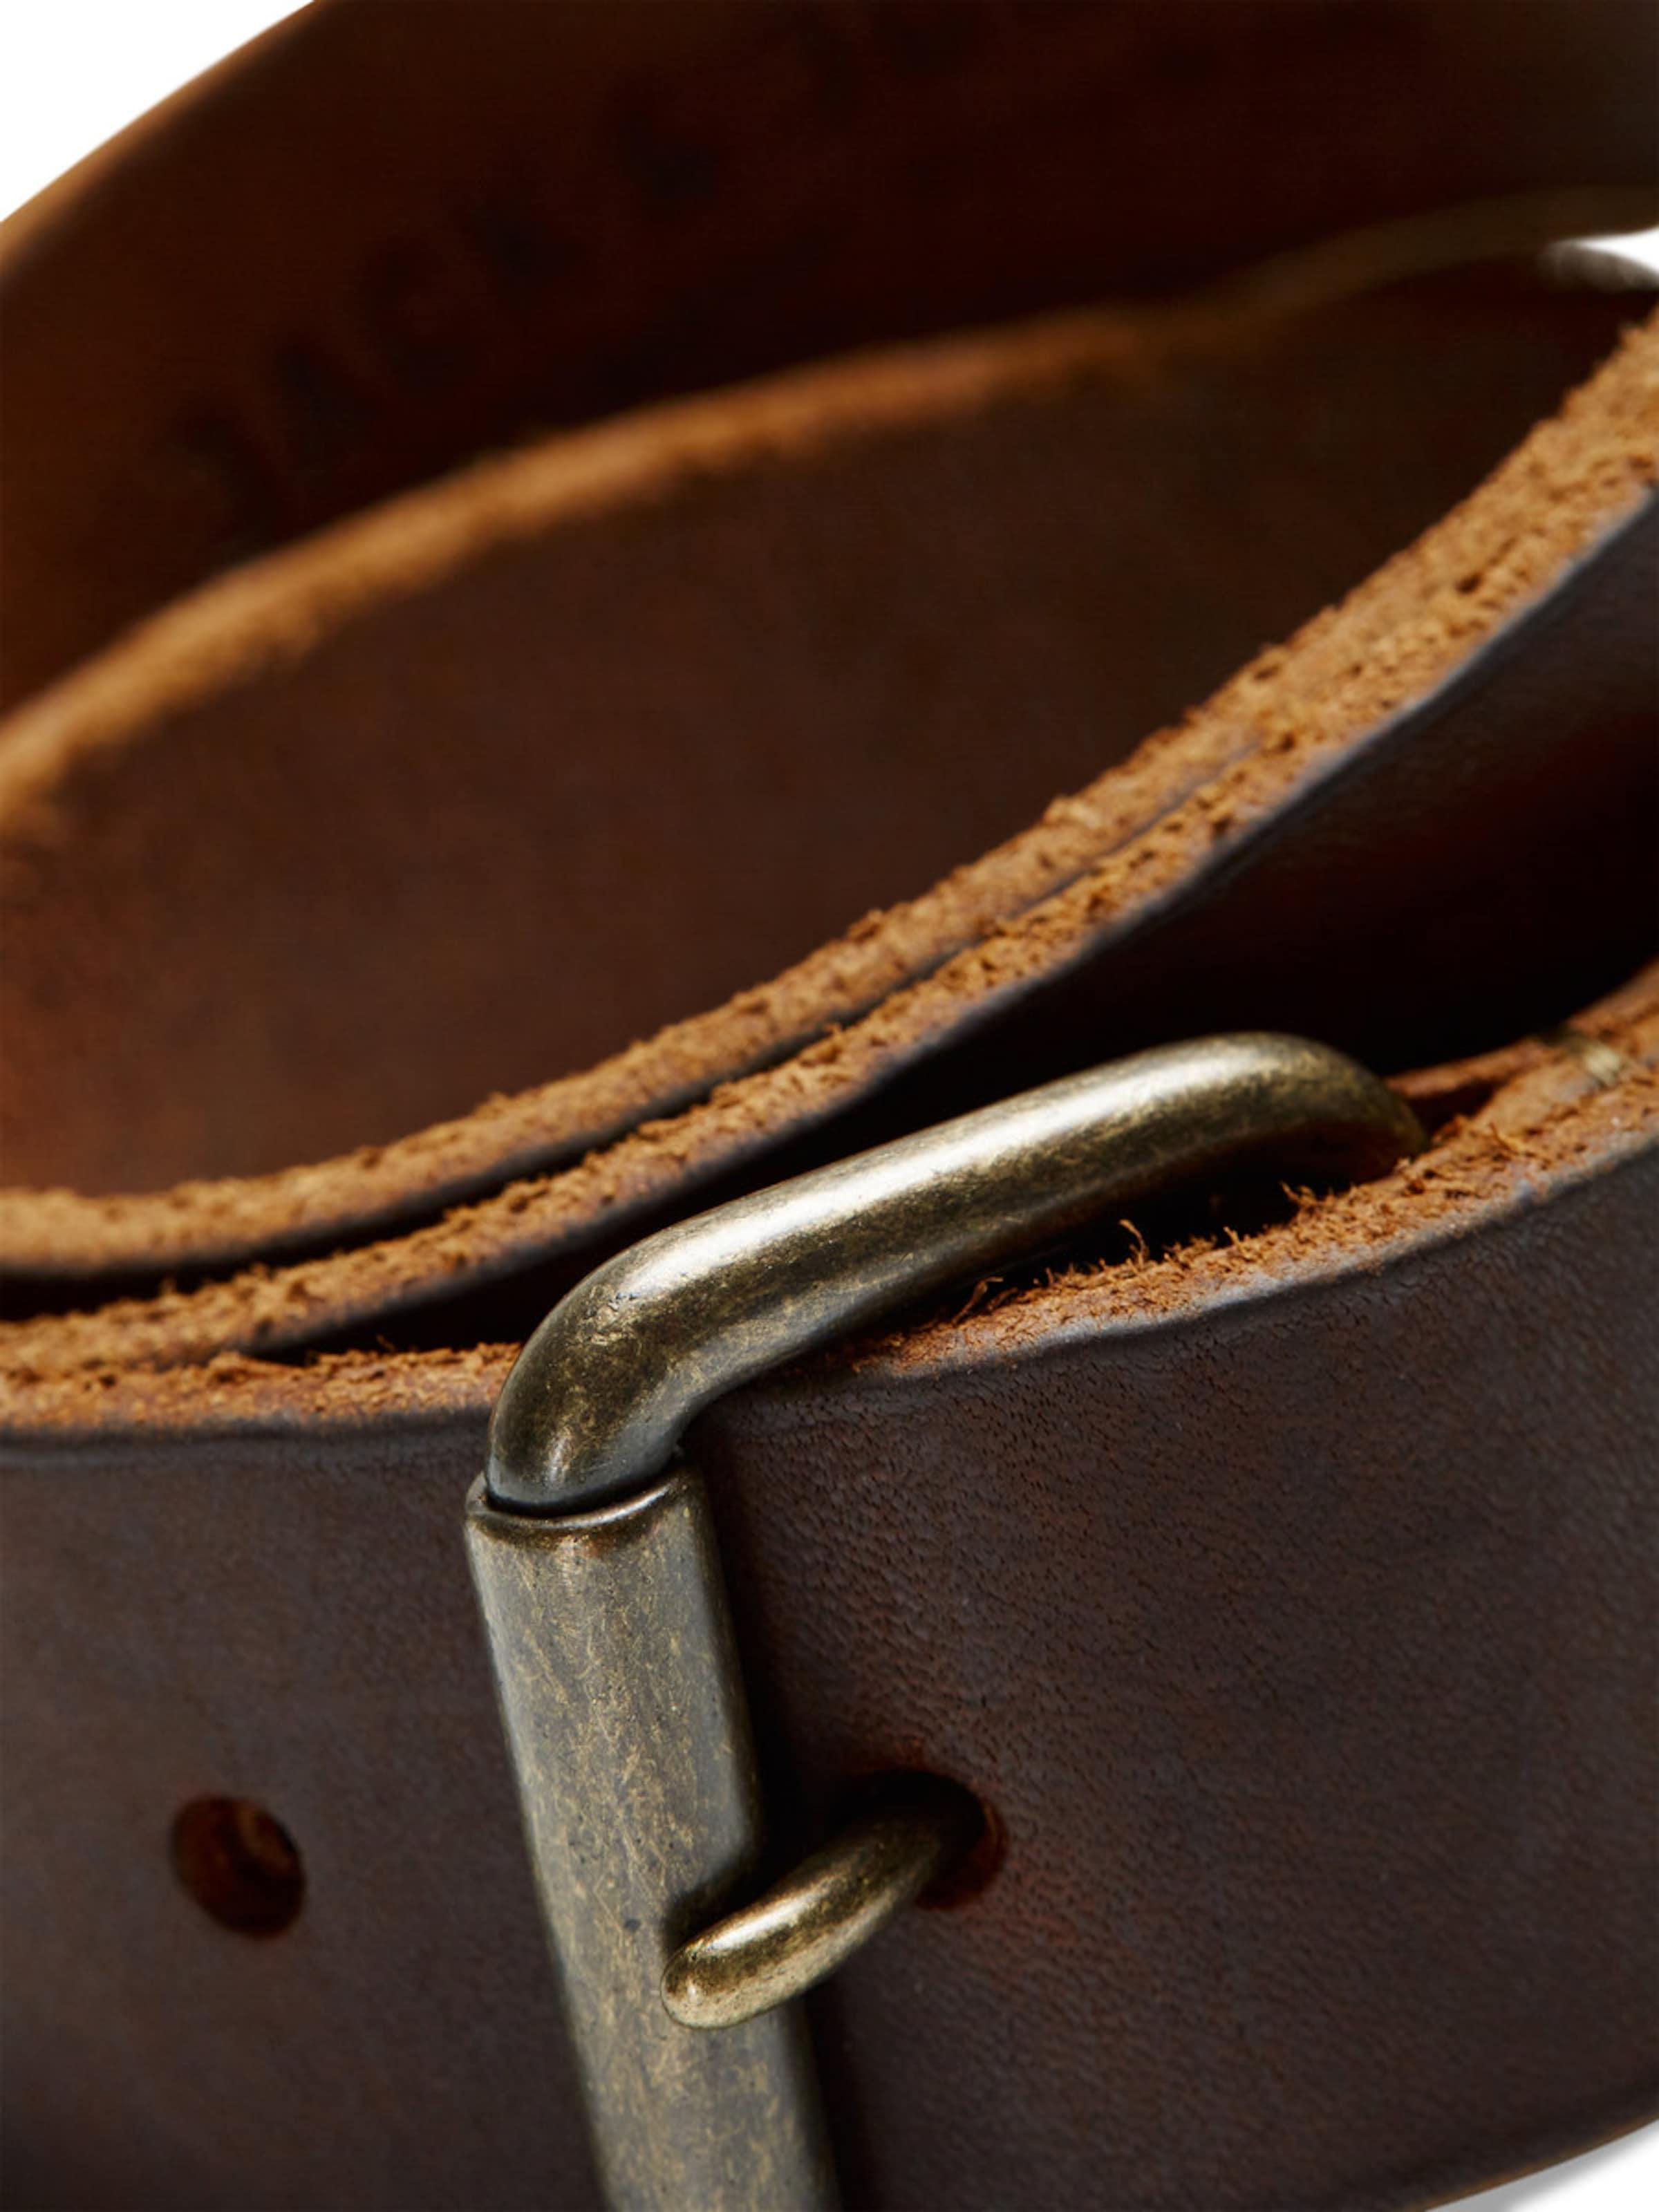 Auslasszwischenraum JACK & JONES Brauner Gürtel mit Rollschnalle Outlet Großer Rabatt pFJcblKDV